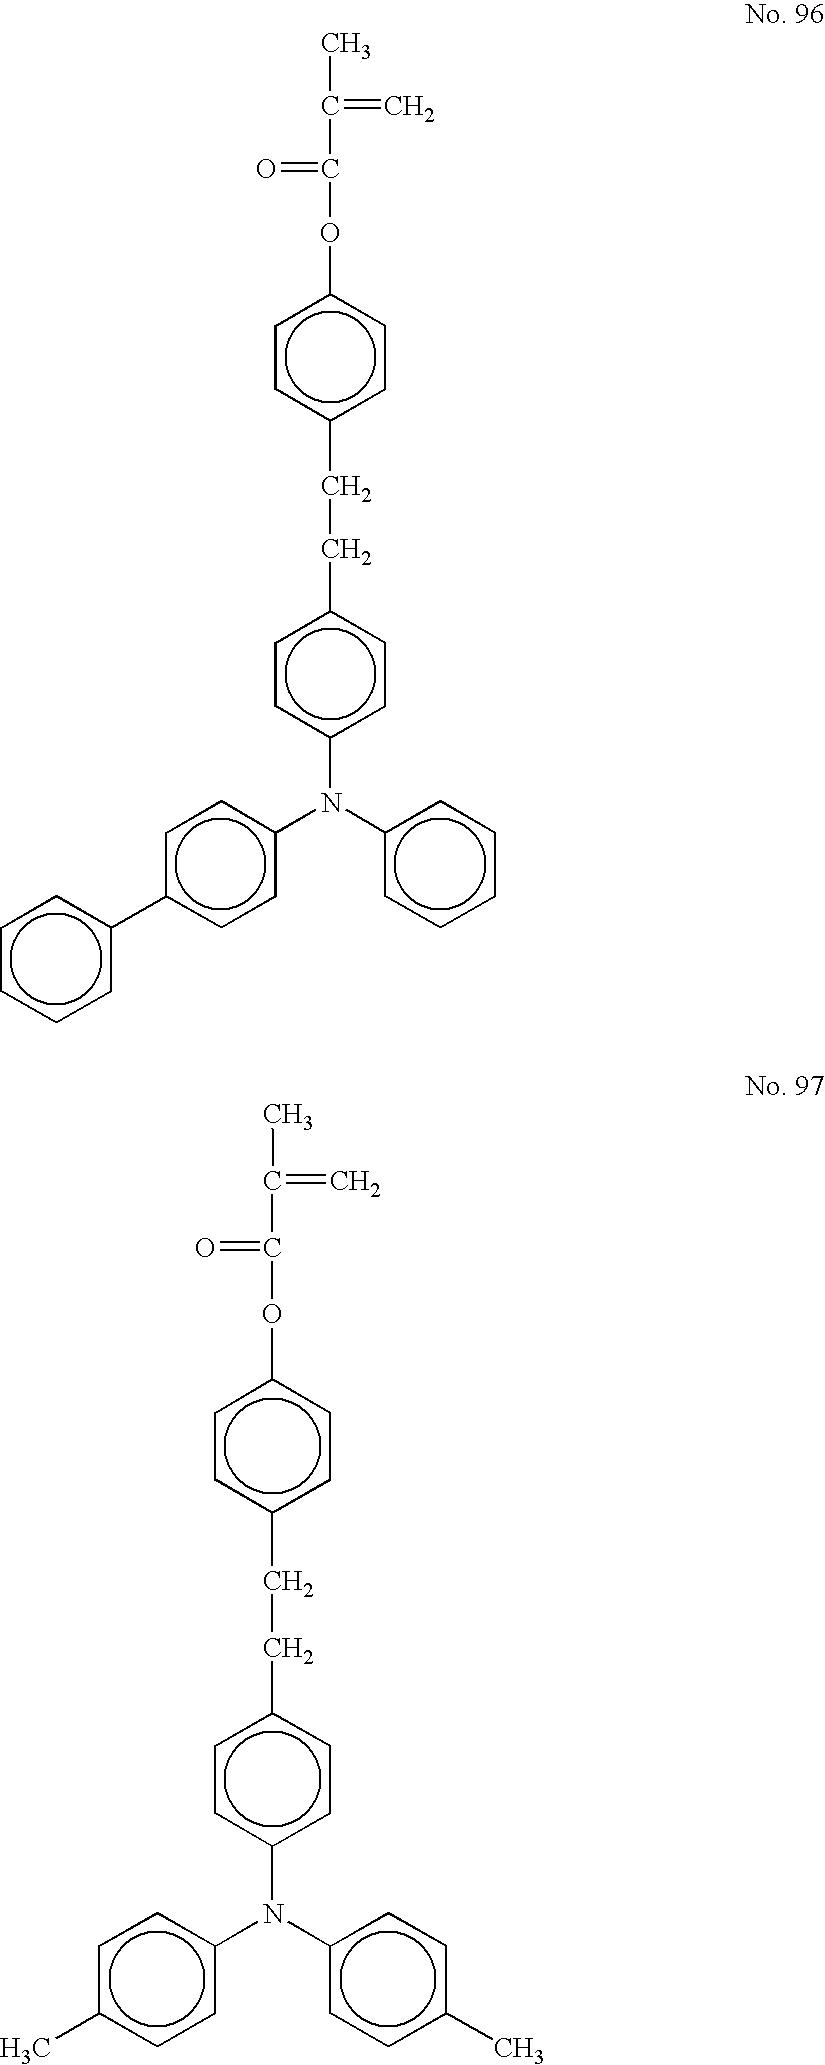 Figure US20100209842A1-20100819-C00035